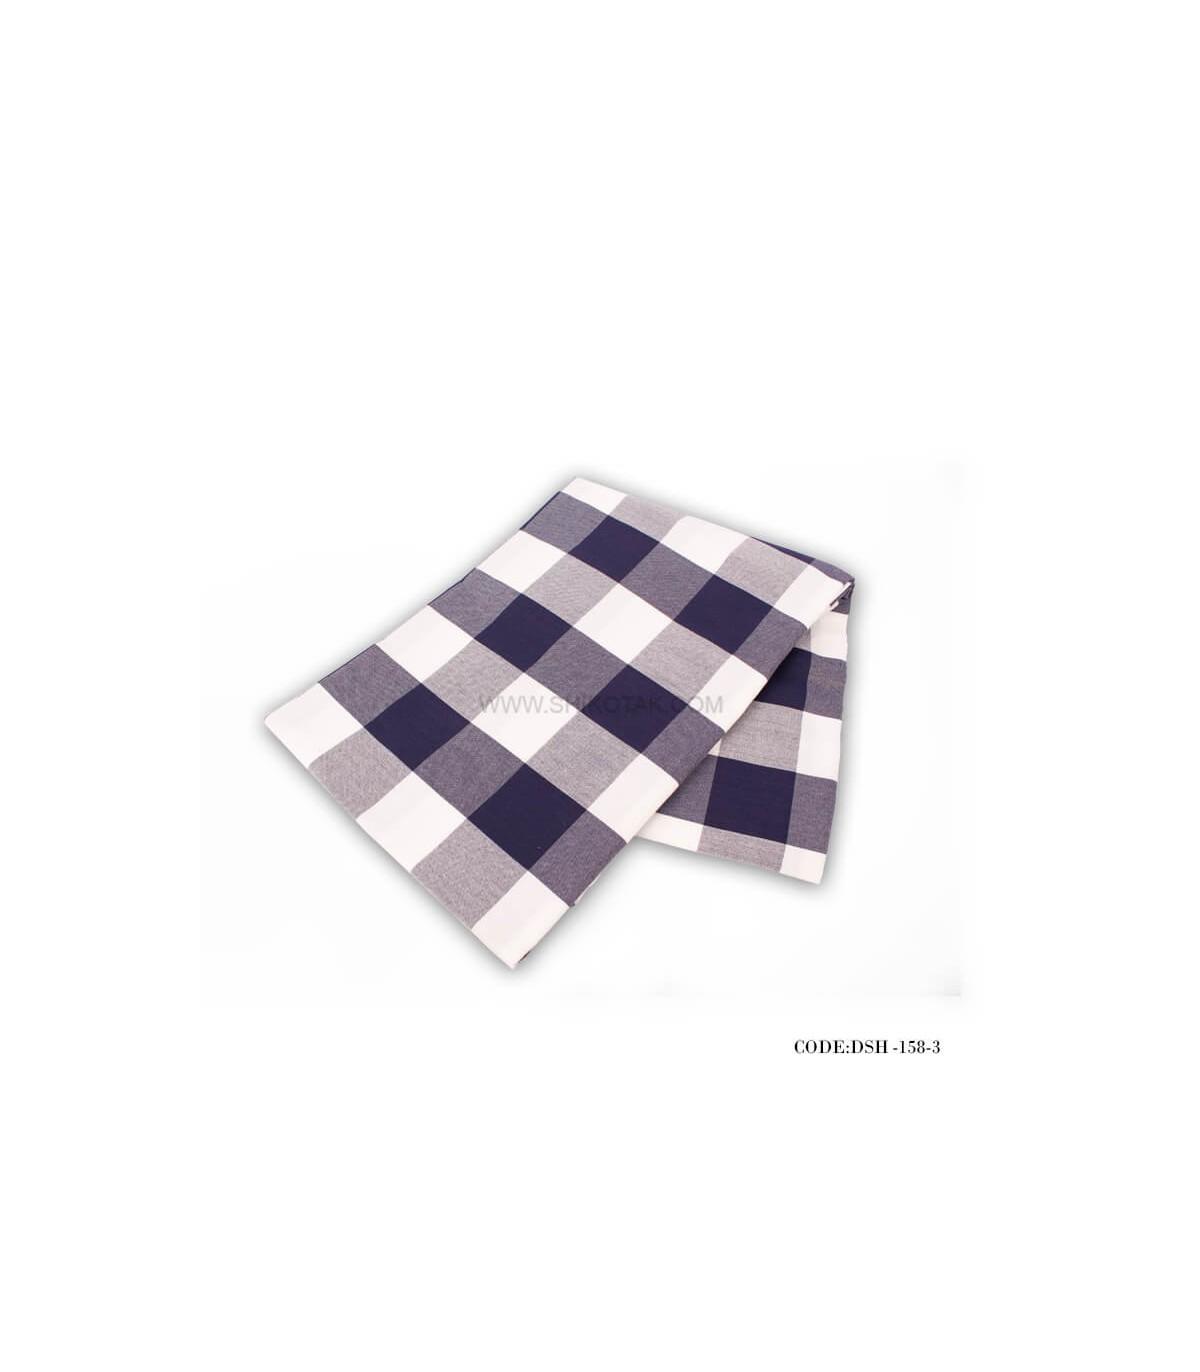 قیمت رومیزی پارچه ای طرح چهارخونه آبی و سفید